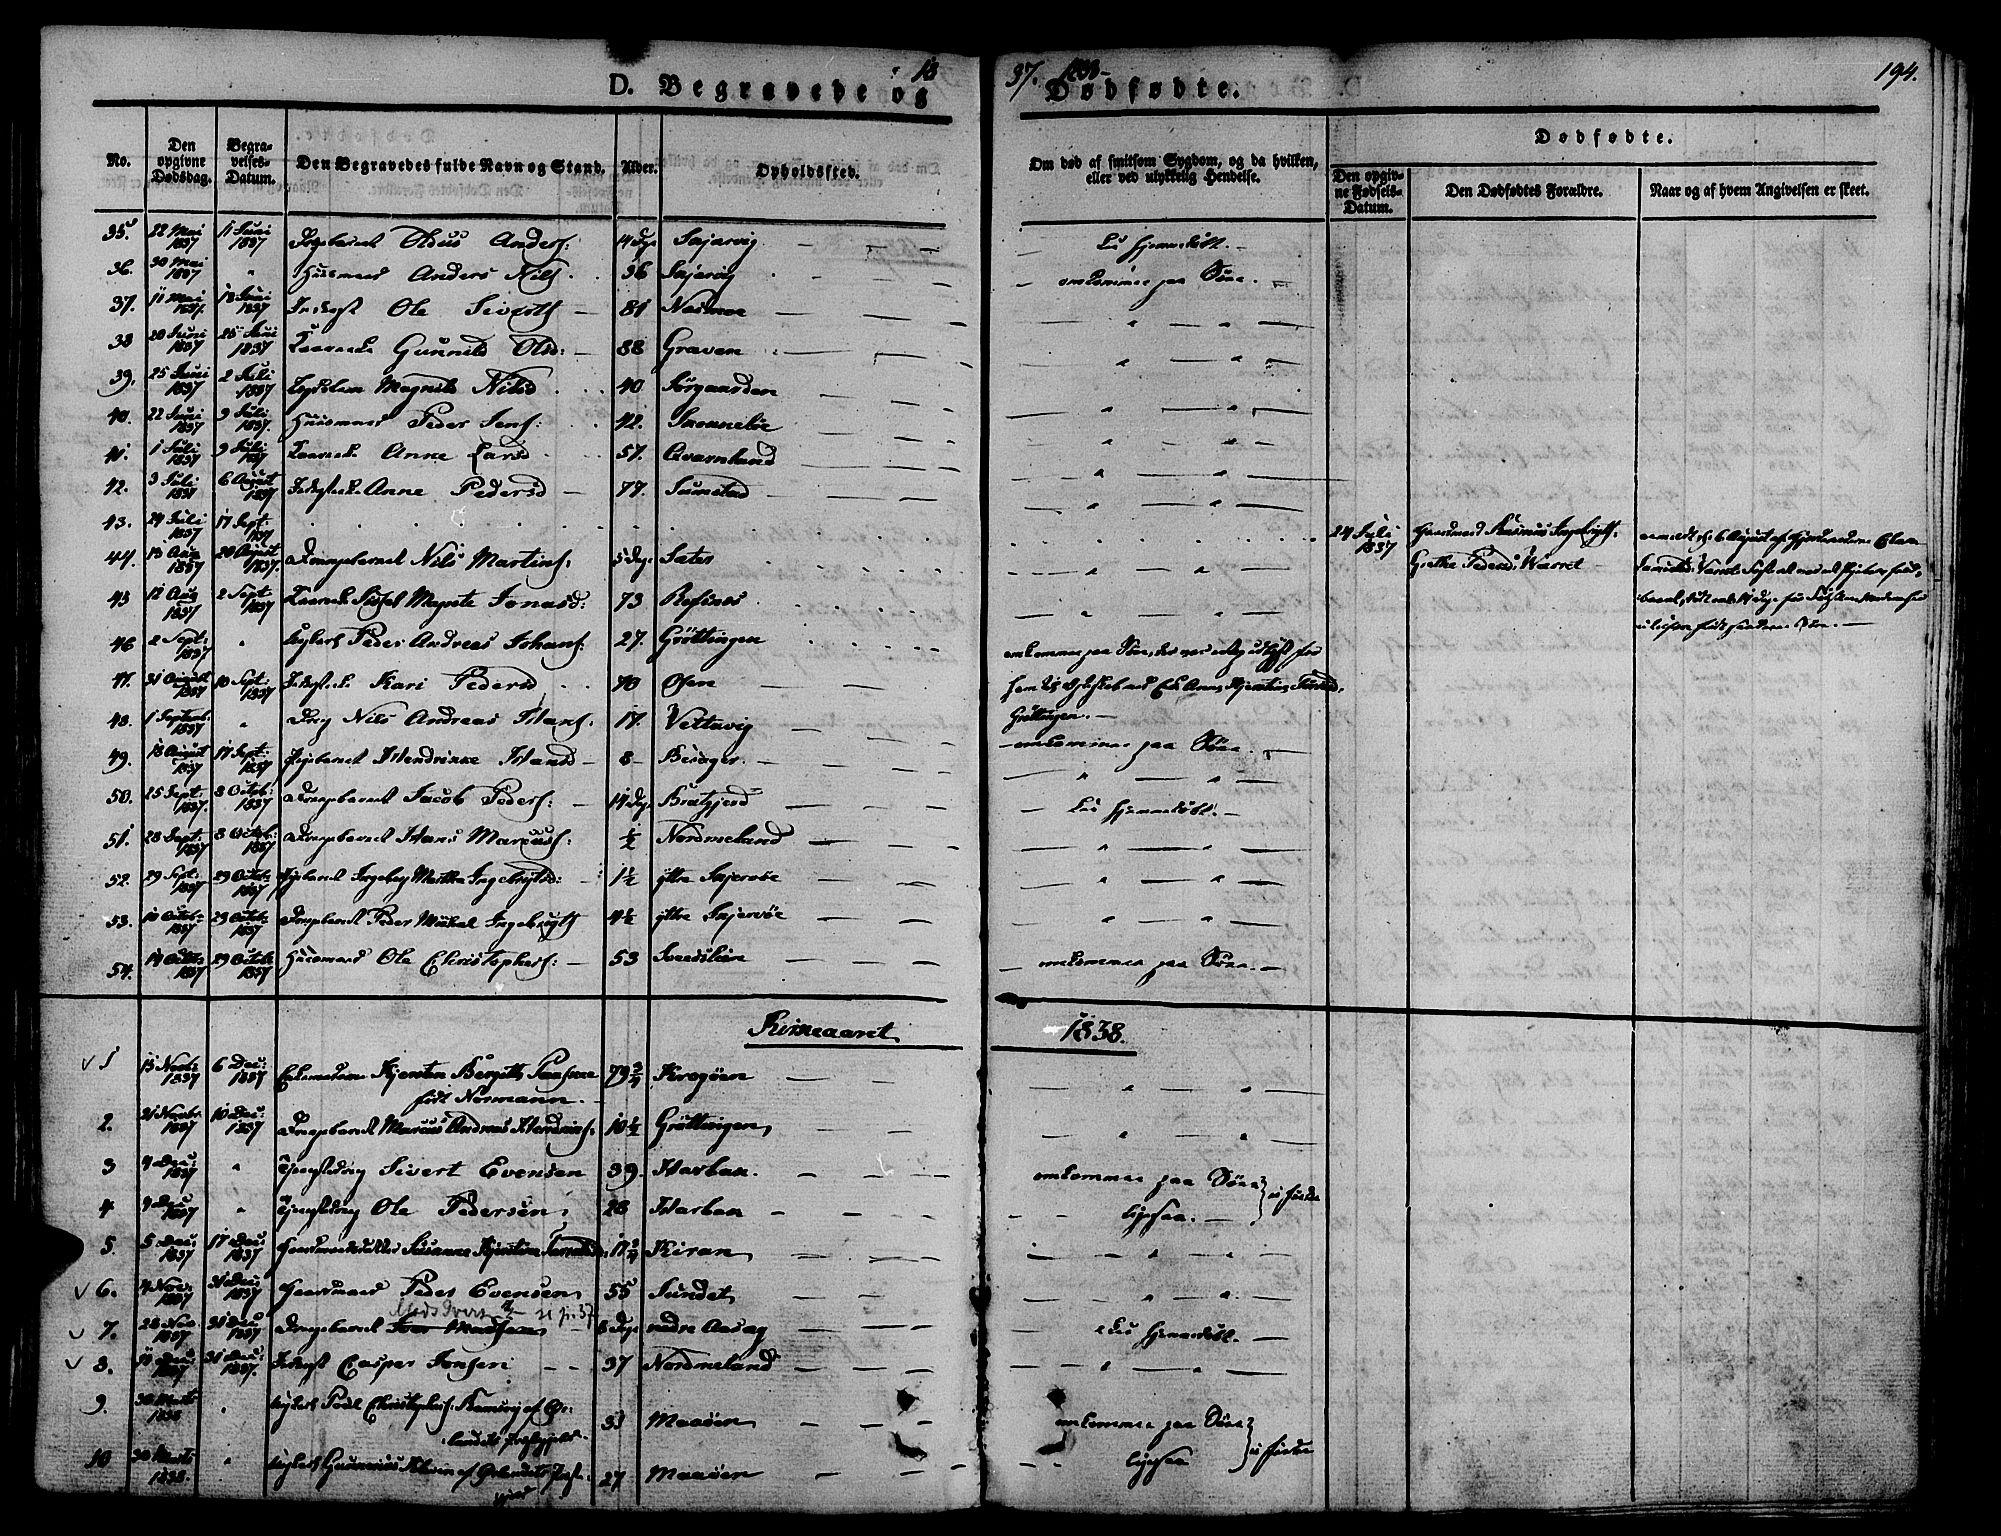 SAT, Ministerialprotokoller, klokkerbøker og fødselsregistre - Sør-Trøndelag, 657/L0703: Ministerialbok nr. 657A04, 1831-1846, s. 194